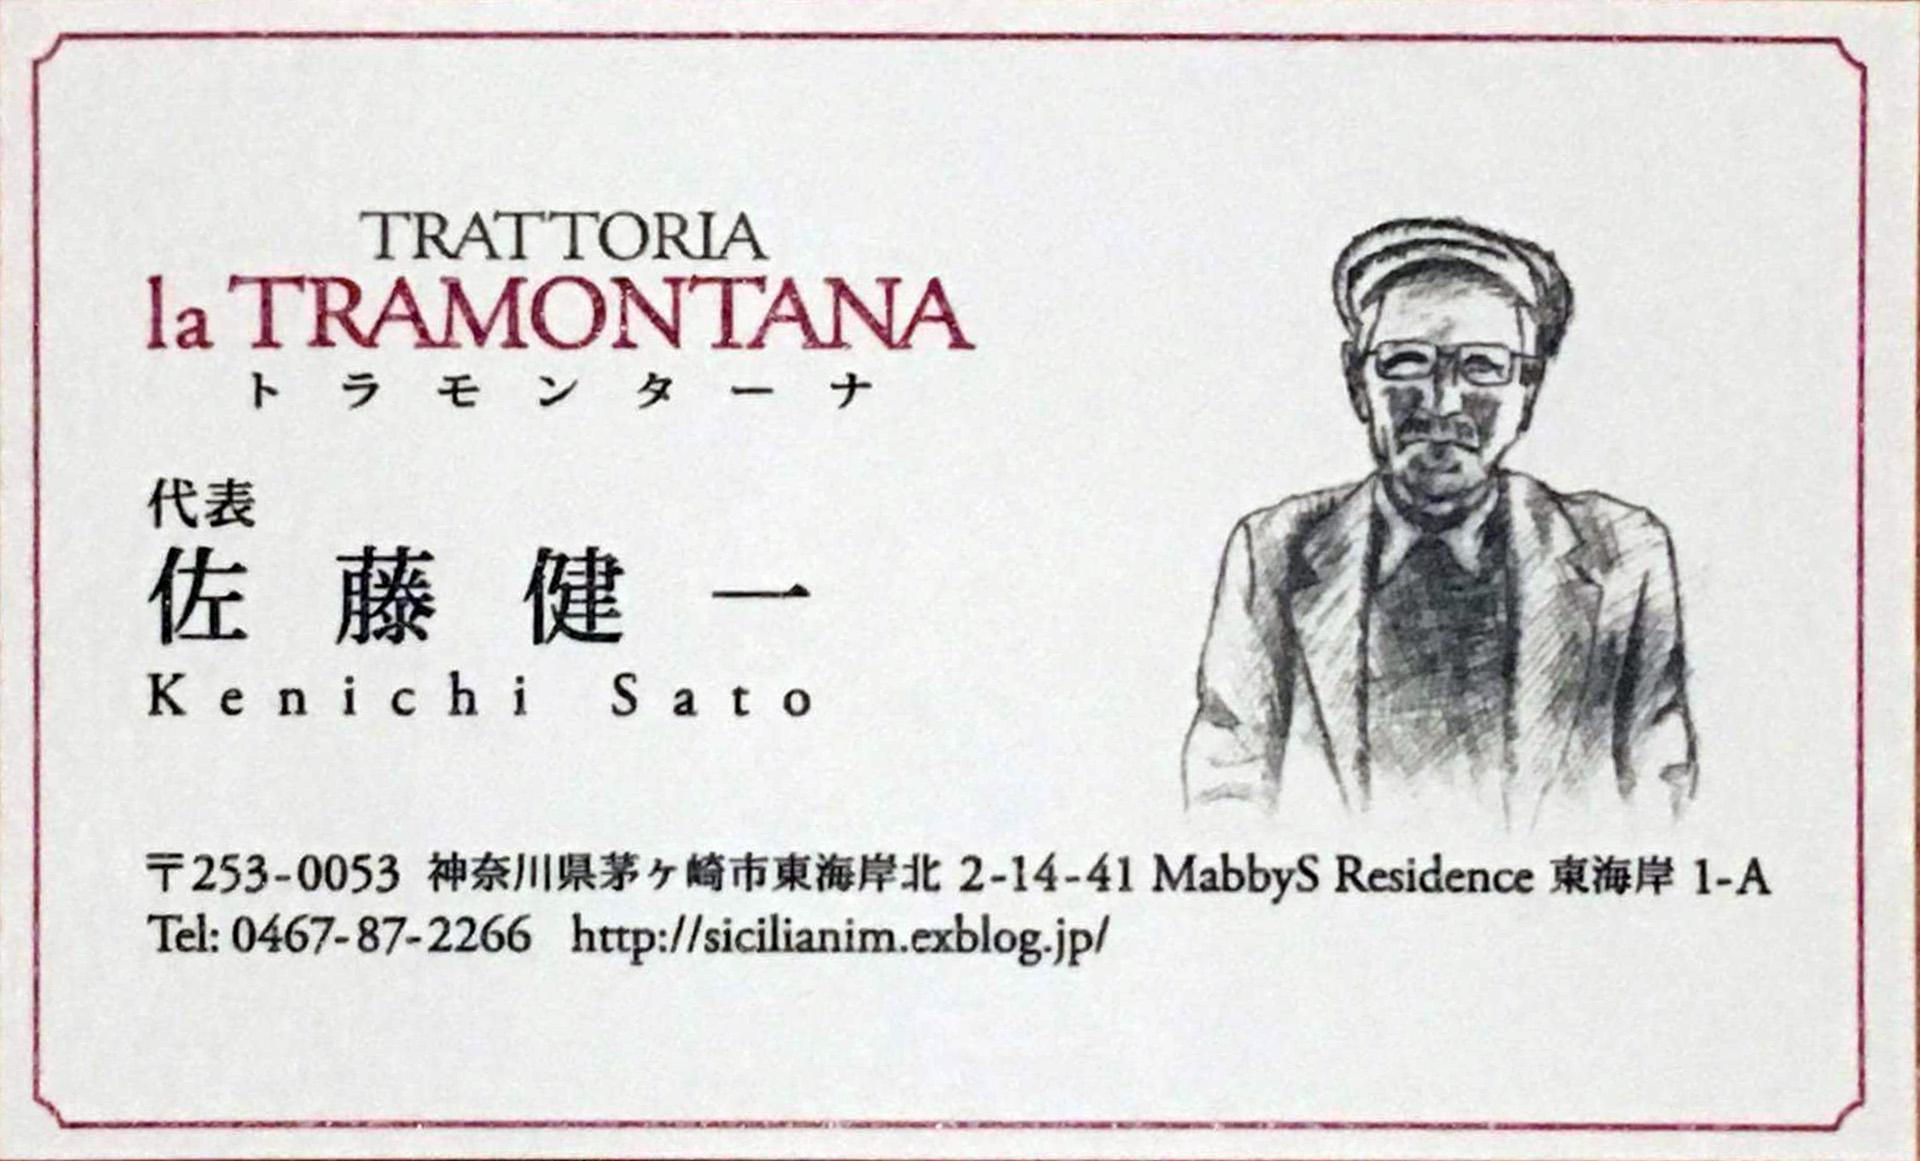 """Il Bigliettino da VIsita della Trattoria """"La Tramontana"""" di Kenichi Sato, in Giappone. Sulla destra la foto stilizzata di Nonno Peppino (Giuseppe Campisi). Presto sul nostro sito un video che racconterà la sua storia!"""